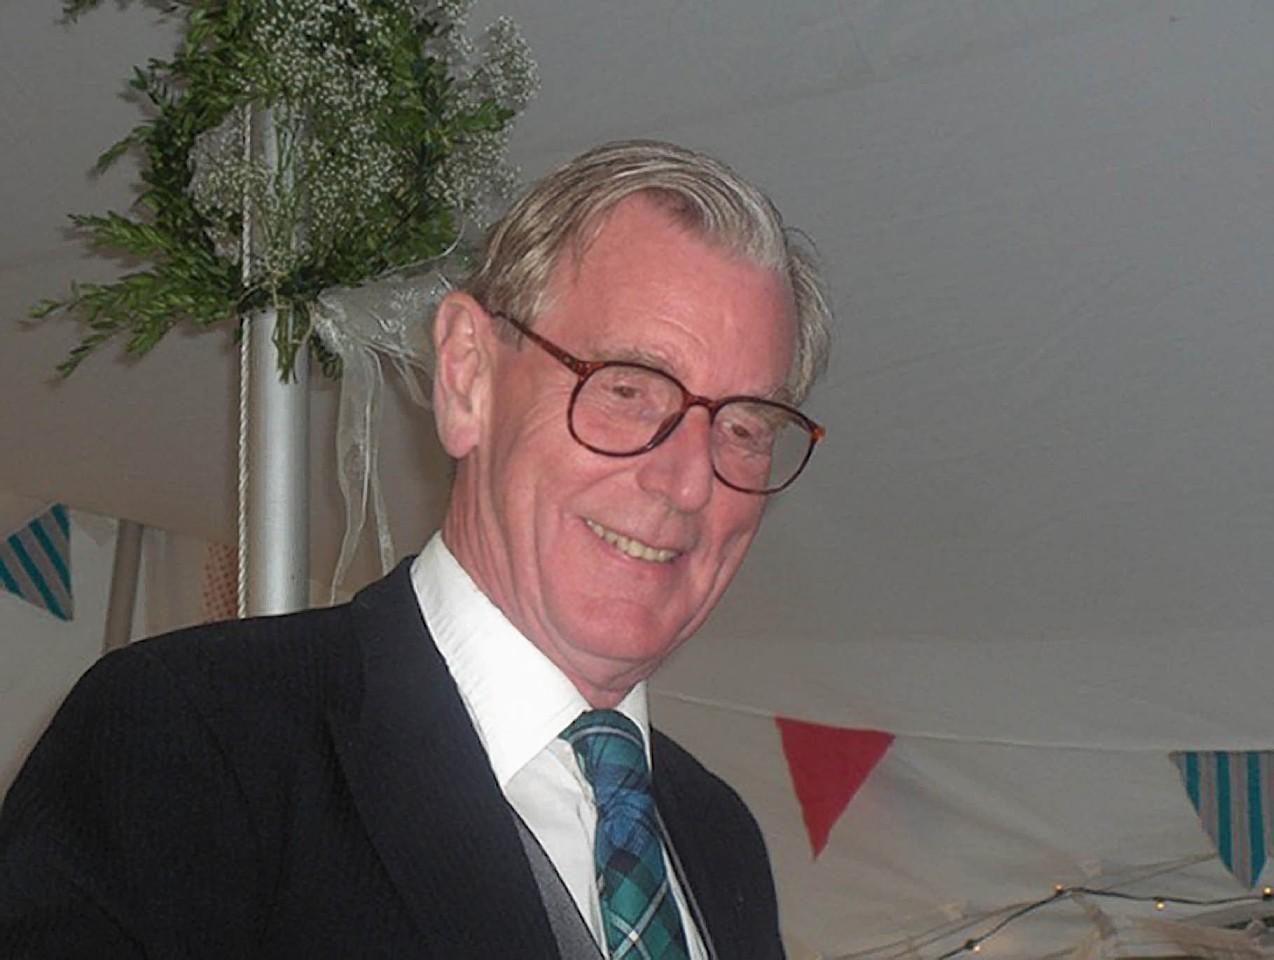 Missing hillwalker Robin Garton